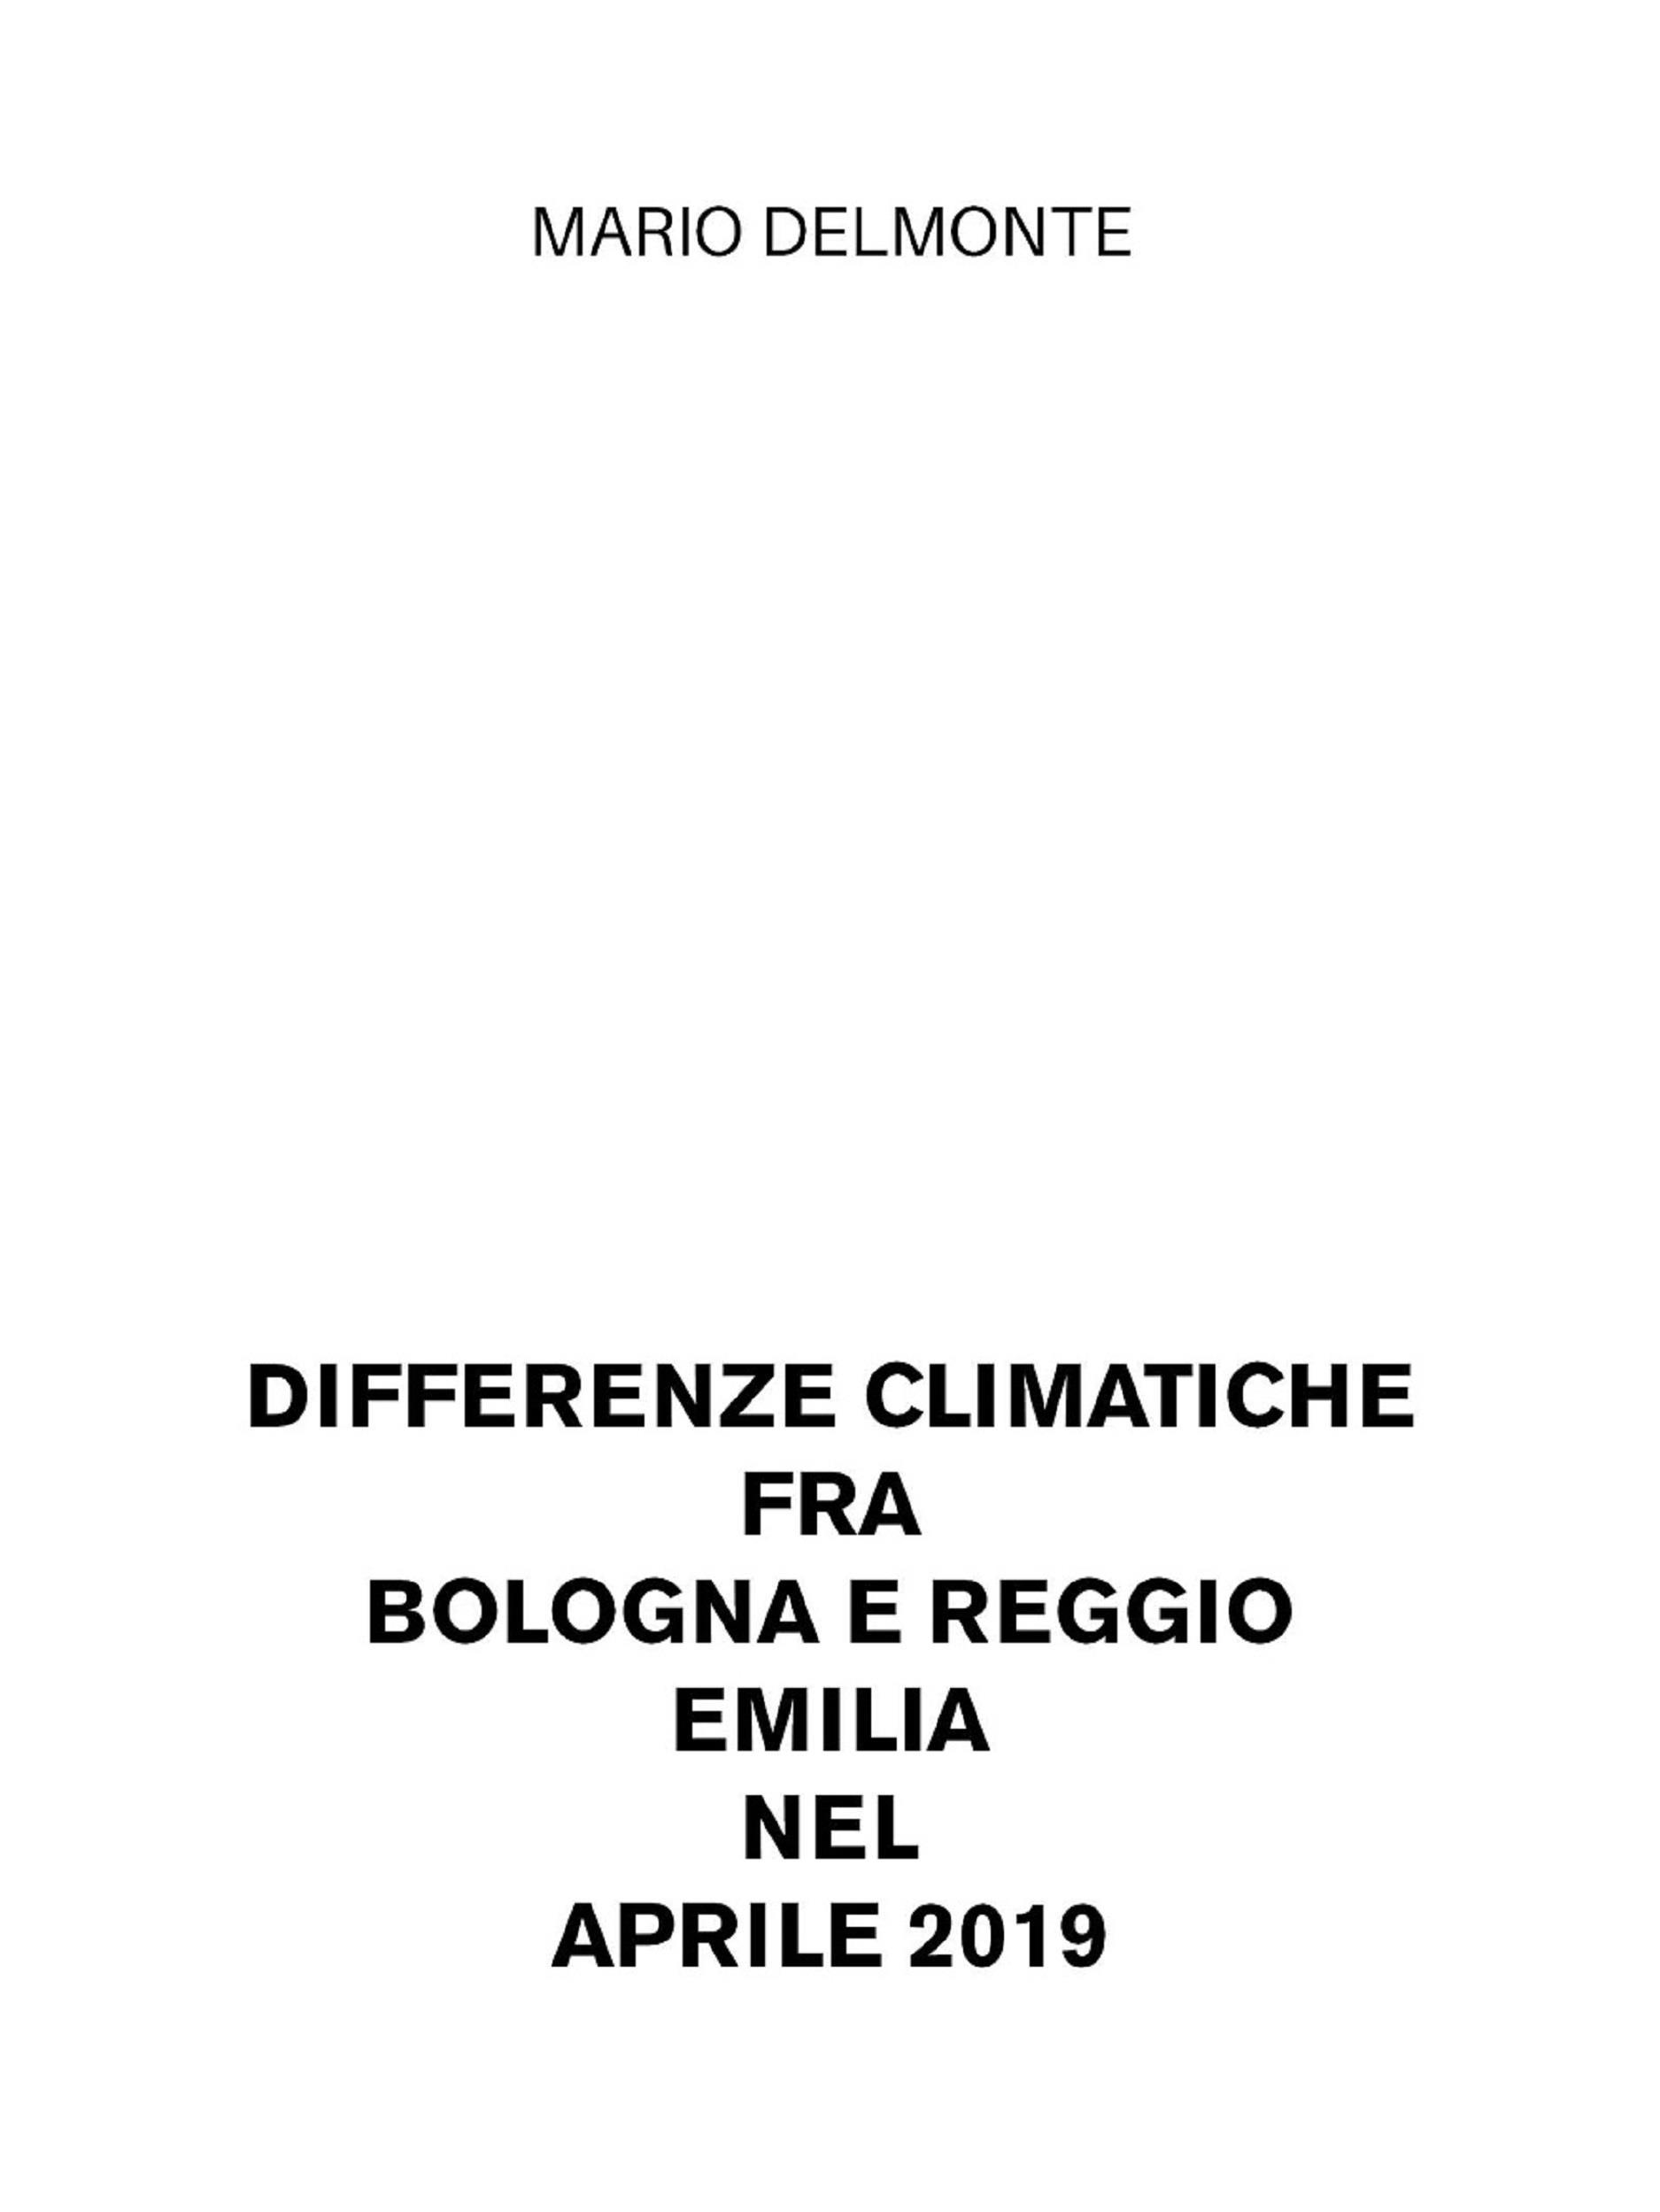 Differenze climatiche fra Bologna e Reggio Emilia nel aprile 2019